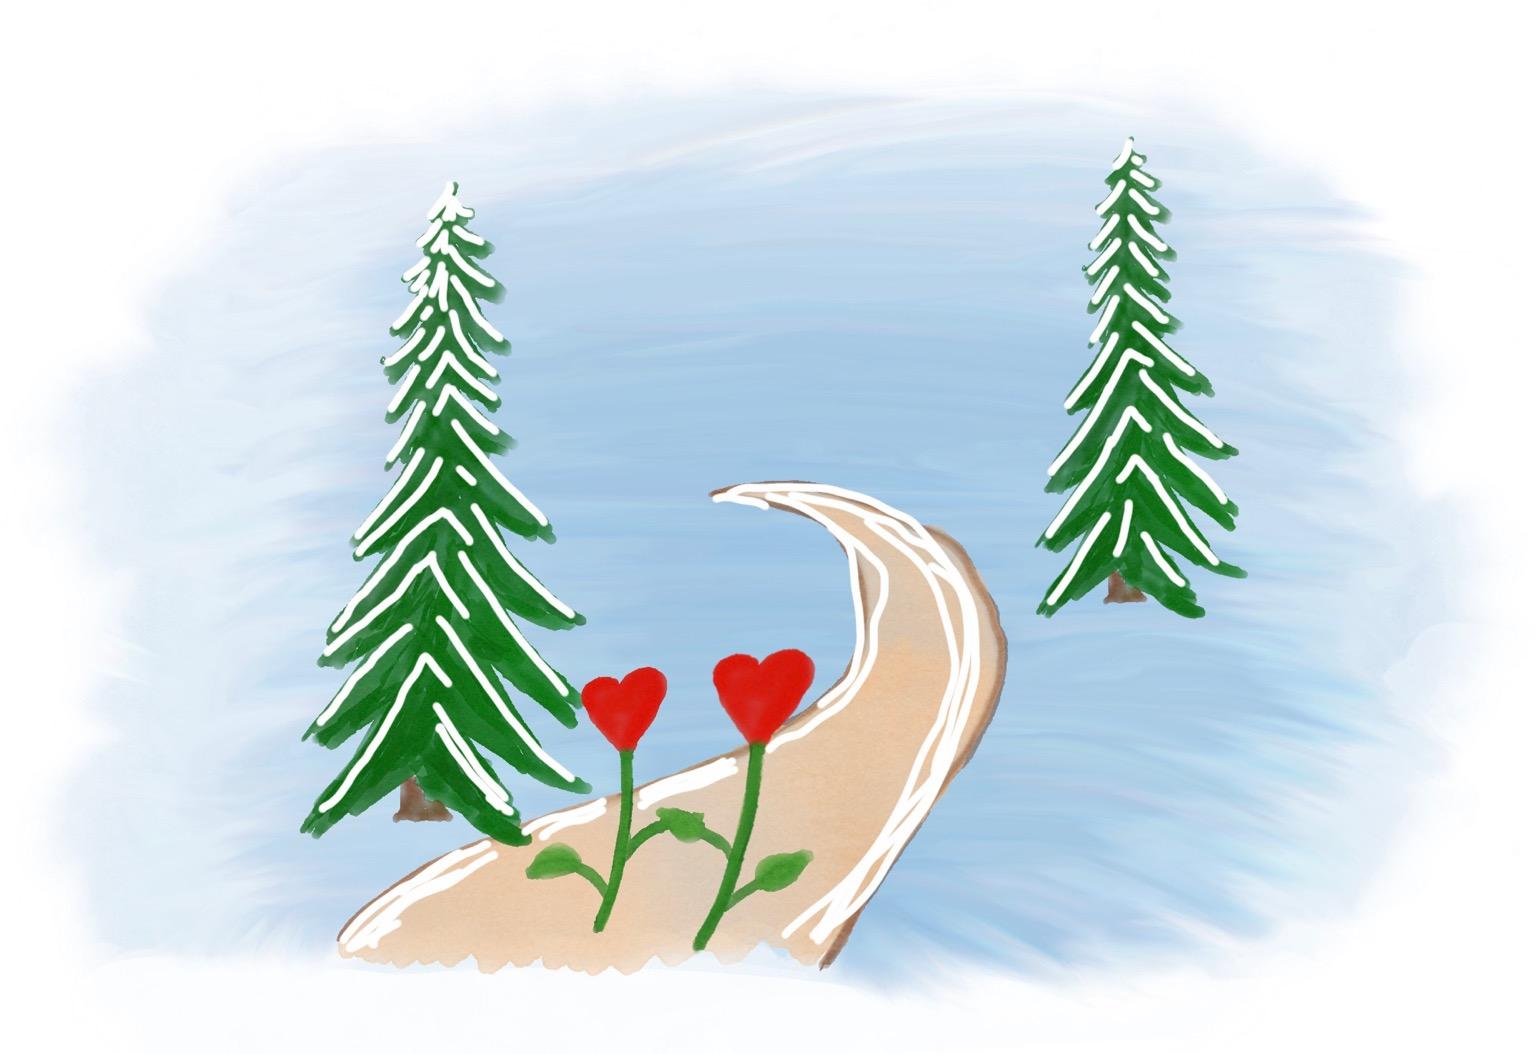 Kjærtegn i snøen